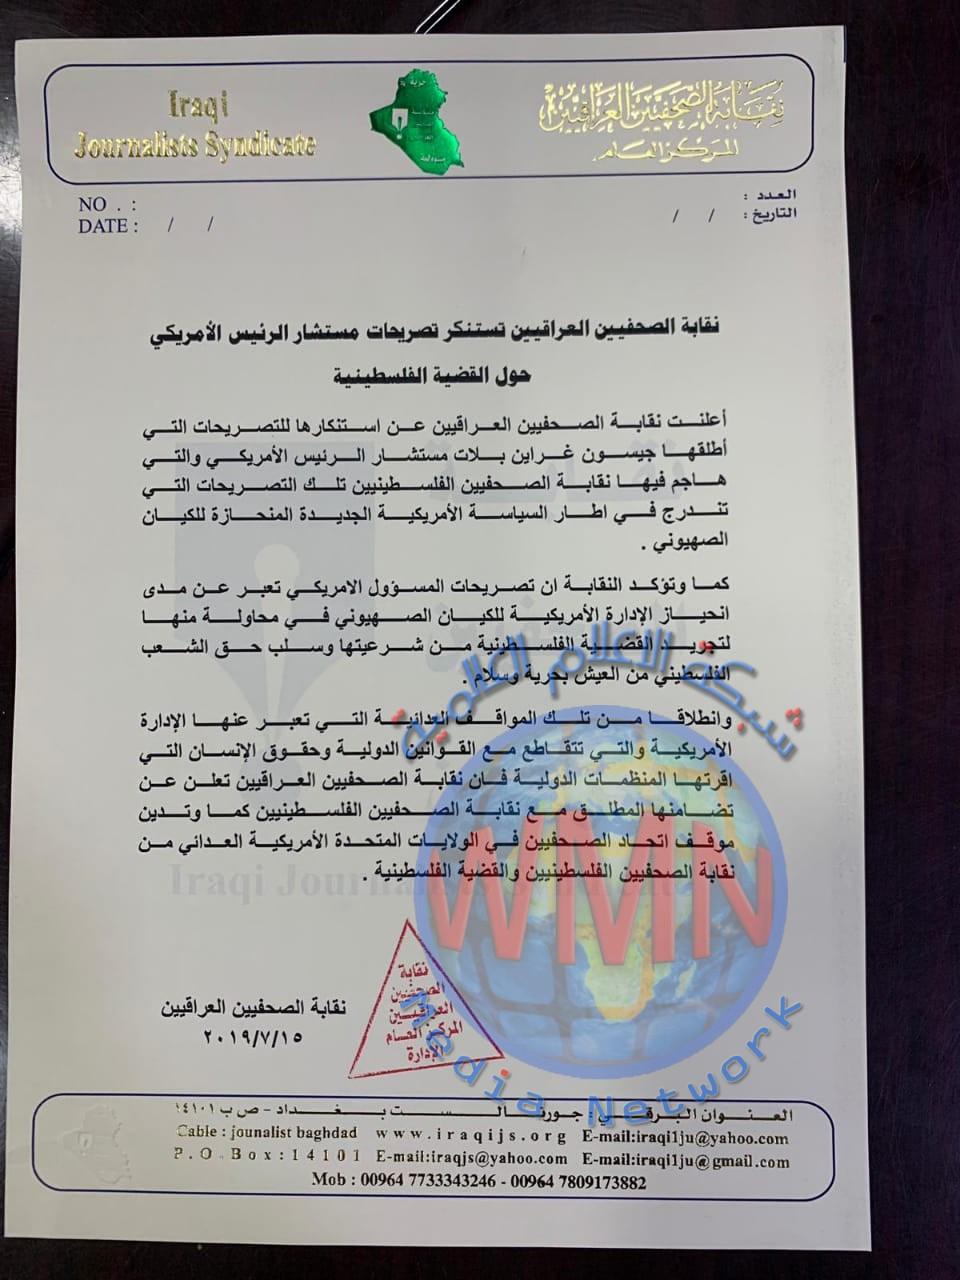 نقابة الصحفيين العراقيين تستنكر تصريحات مستشار الرئيس الأمريكي حول القضية الفلسطينية